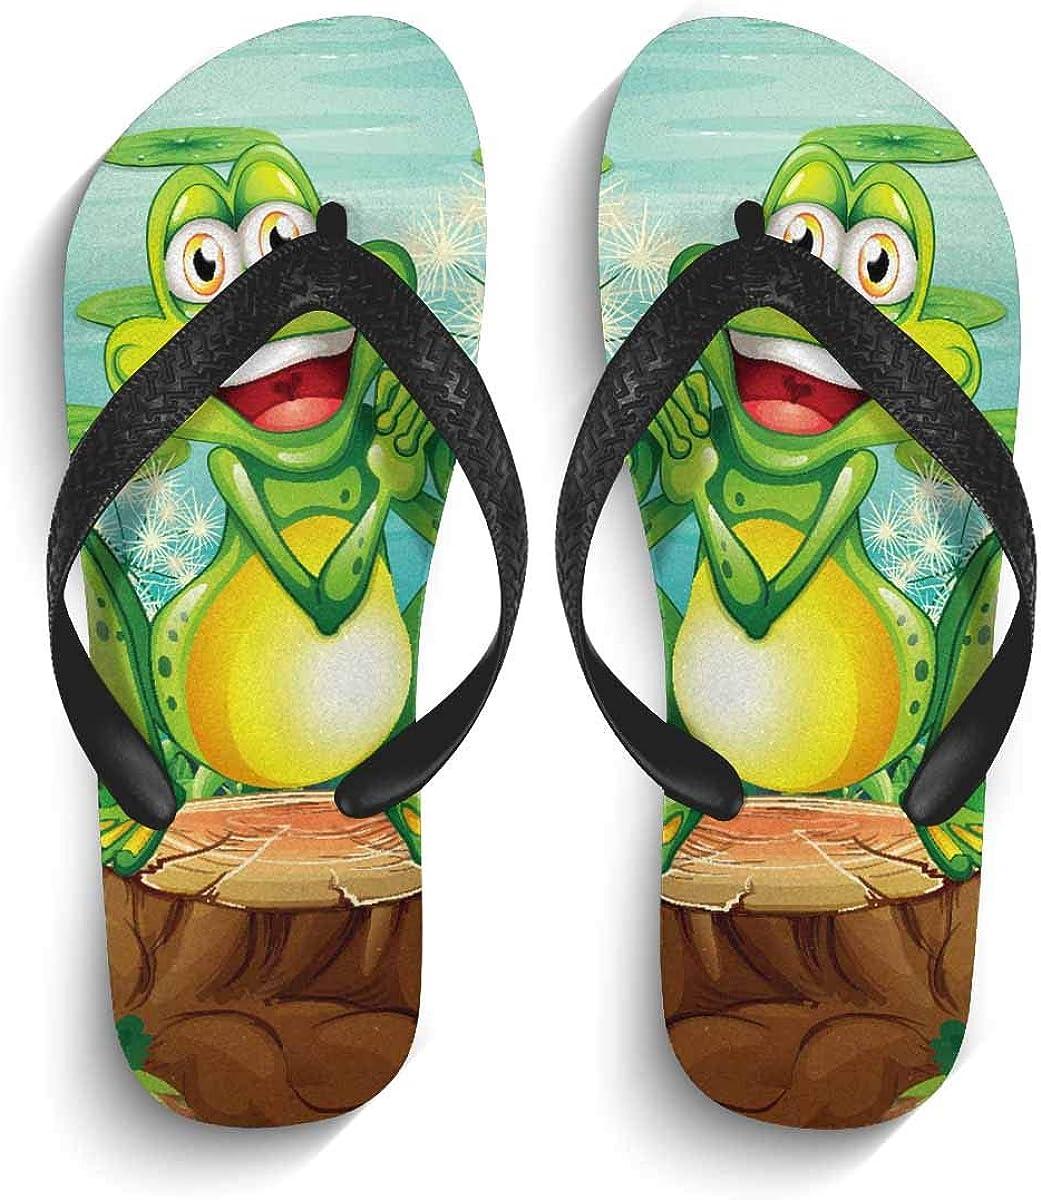 InterestPrint Men's Flip Flop Sandals Frog Above The Stump Near The Pond Summer Beach Thong Sandal Outdoor Footwear S